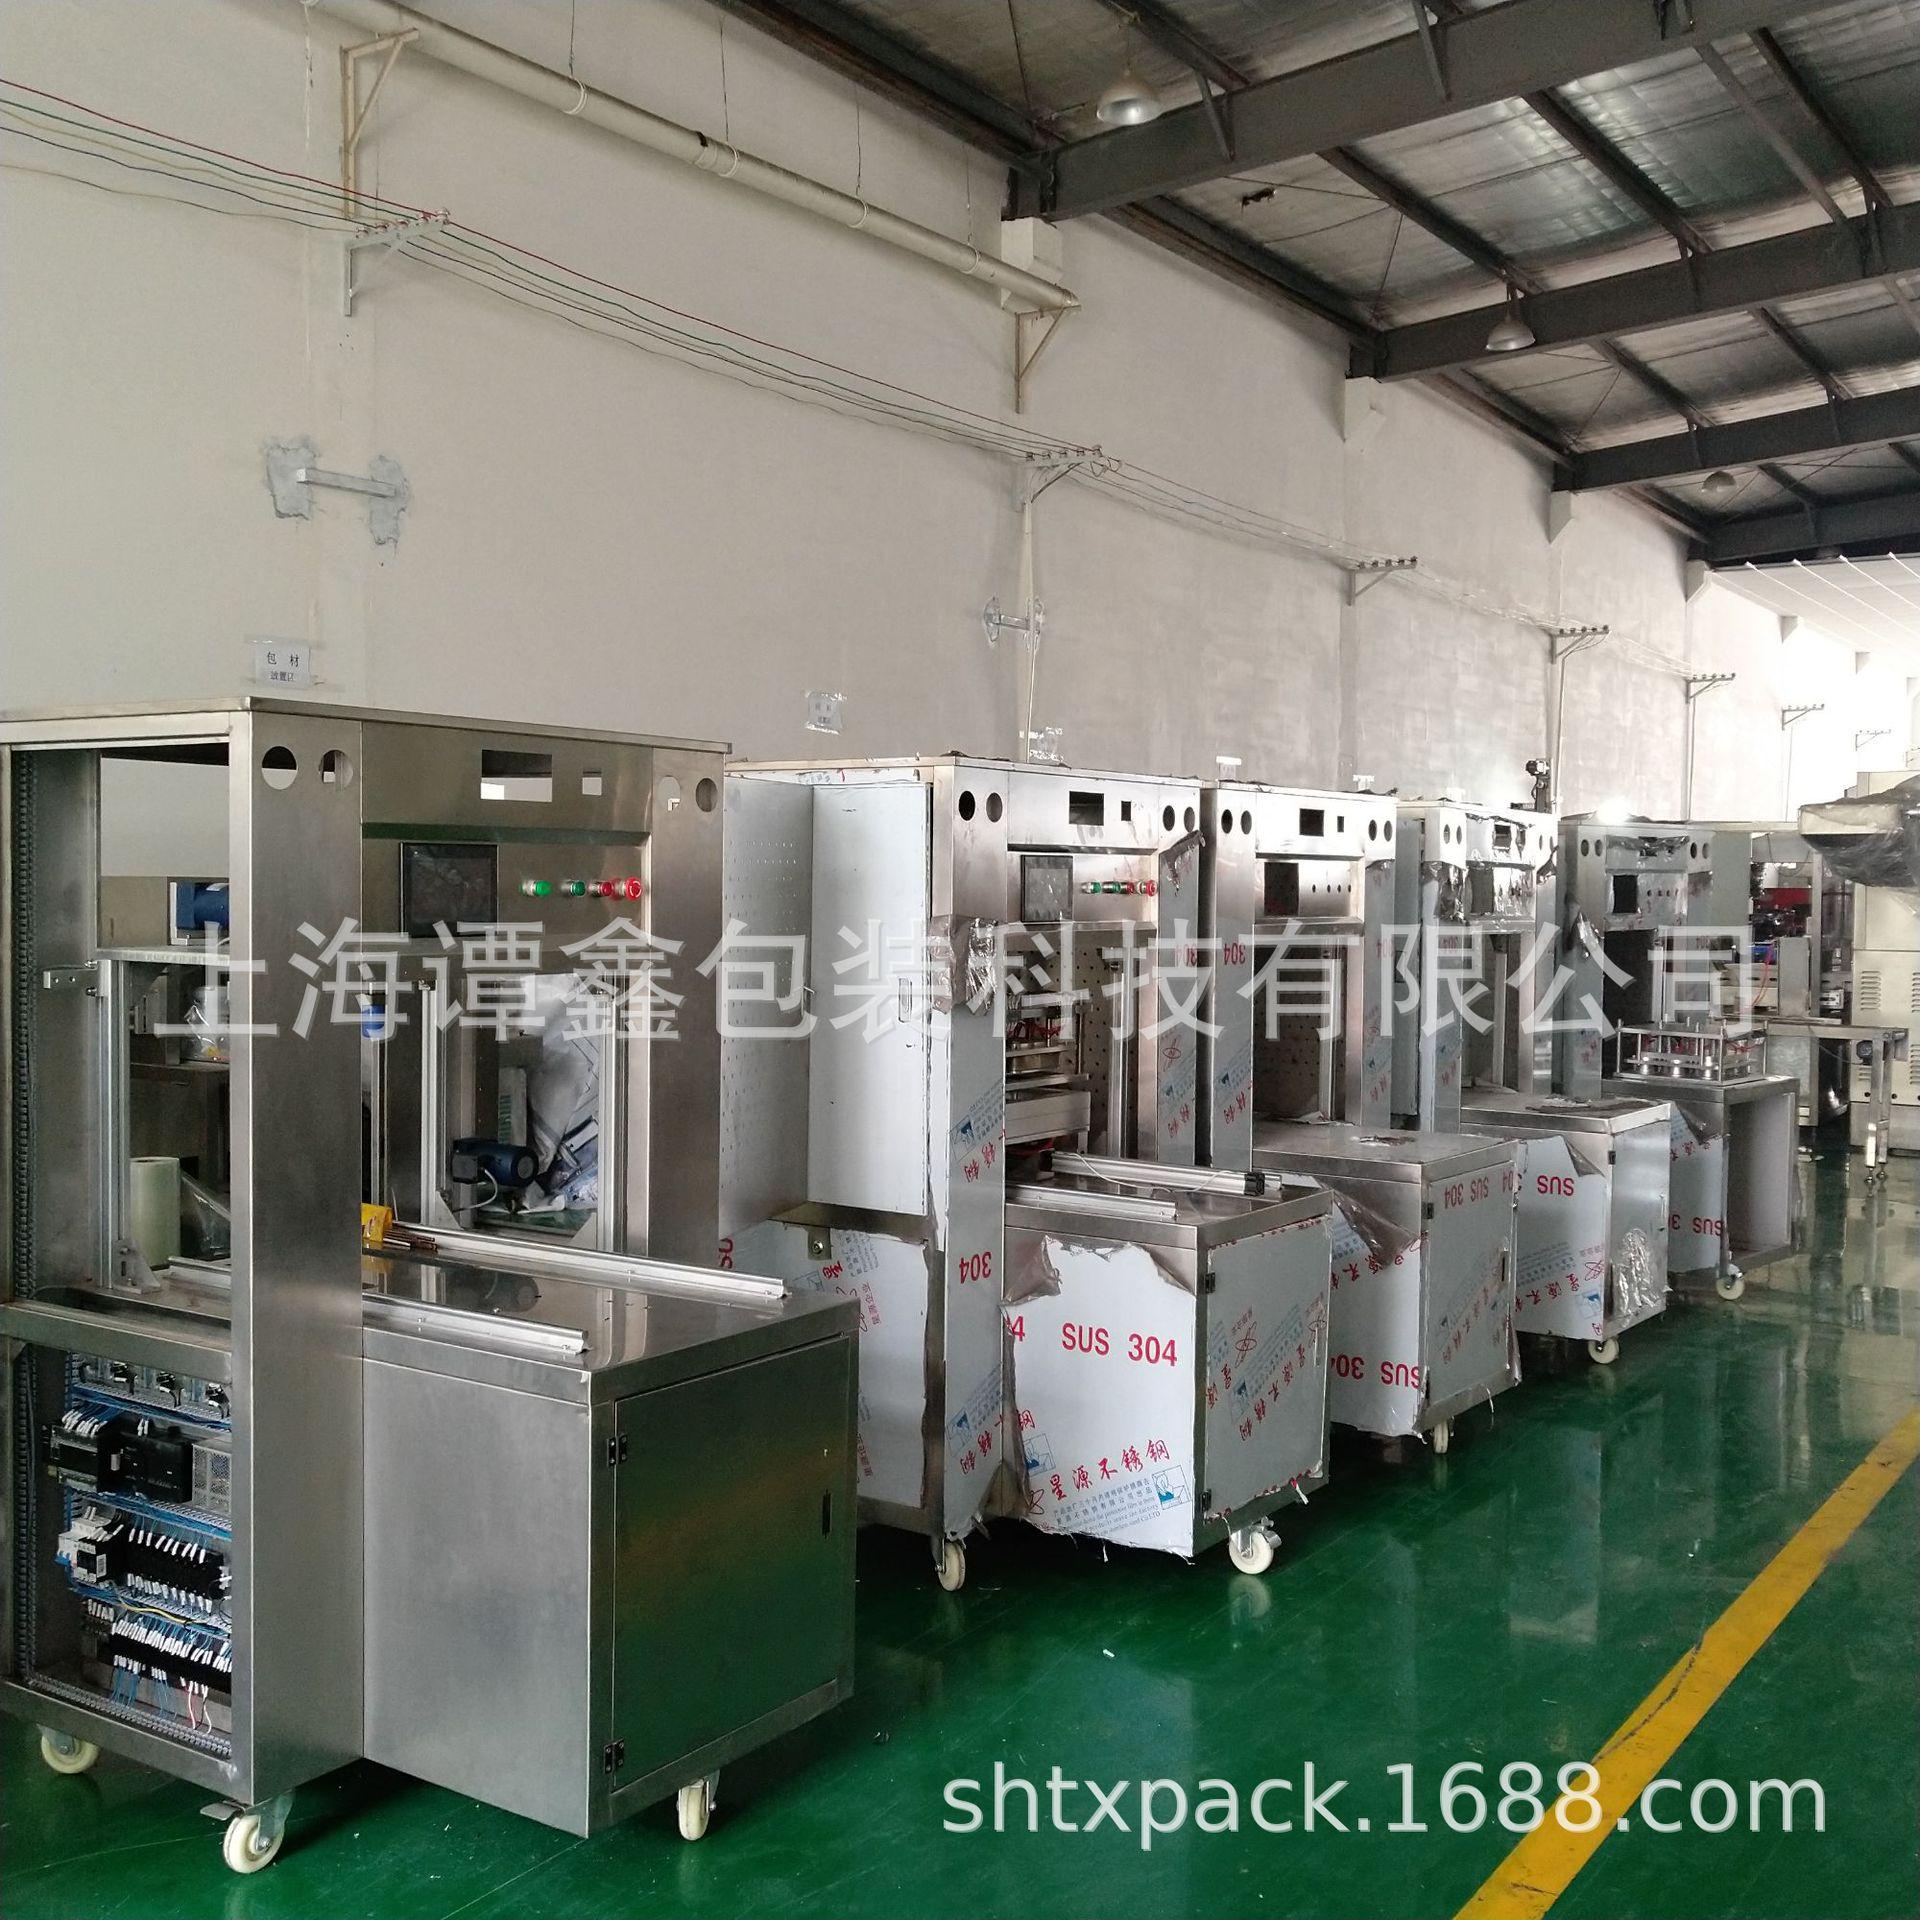 上海厂家直供气调包装机全自动/半自动均有供应气调保鲜包装机